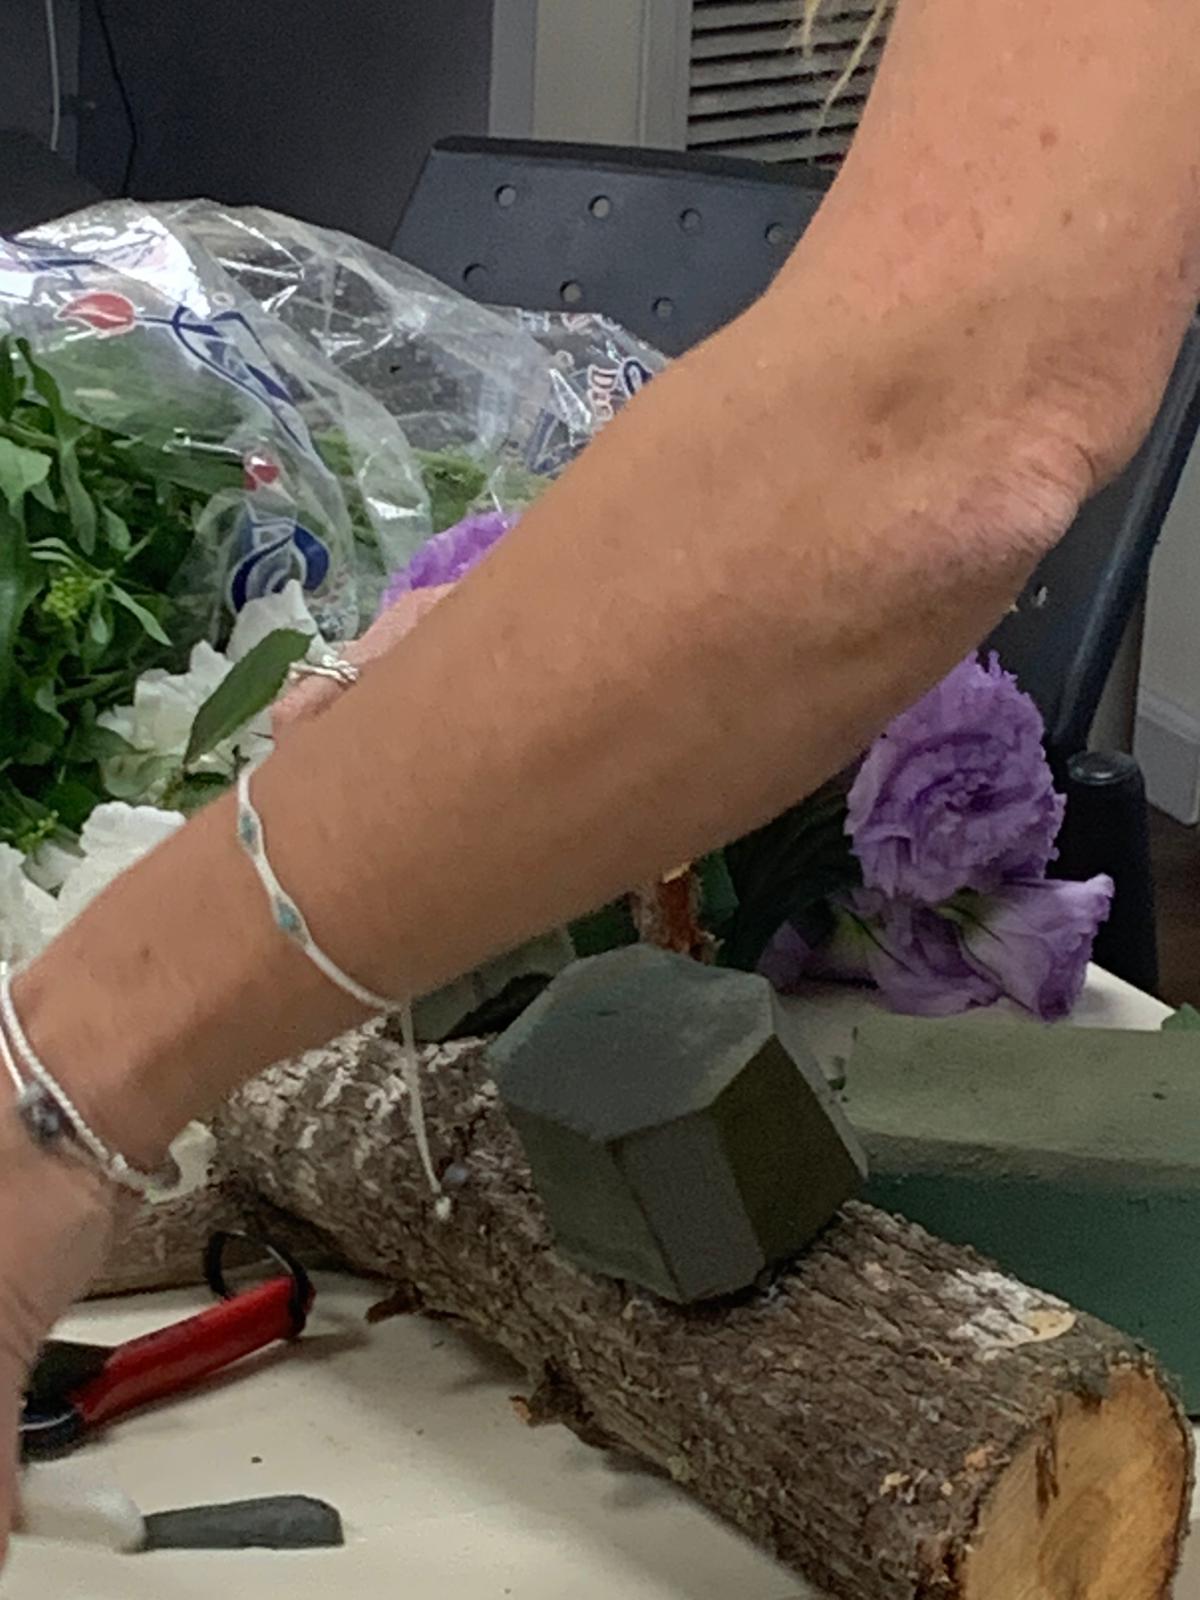 גלרייה - שיעור שזירת פרחים - קורס הפקת אירועים מחזור 24, 1 מתוך 35